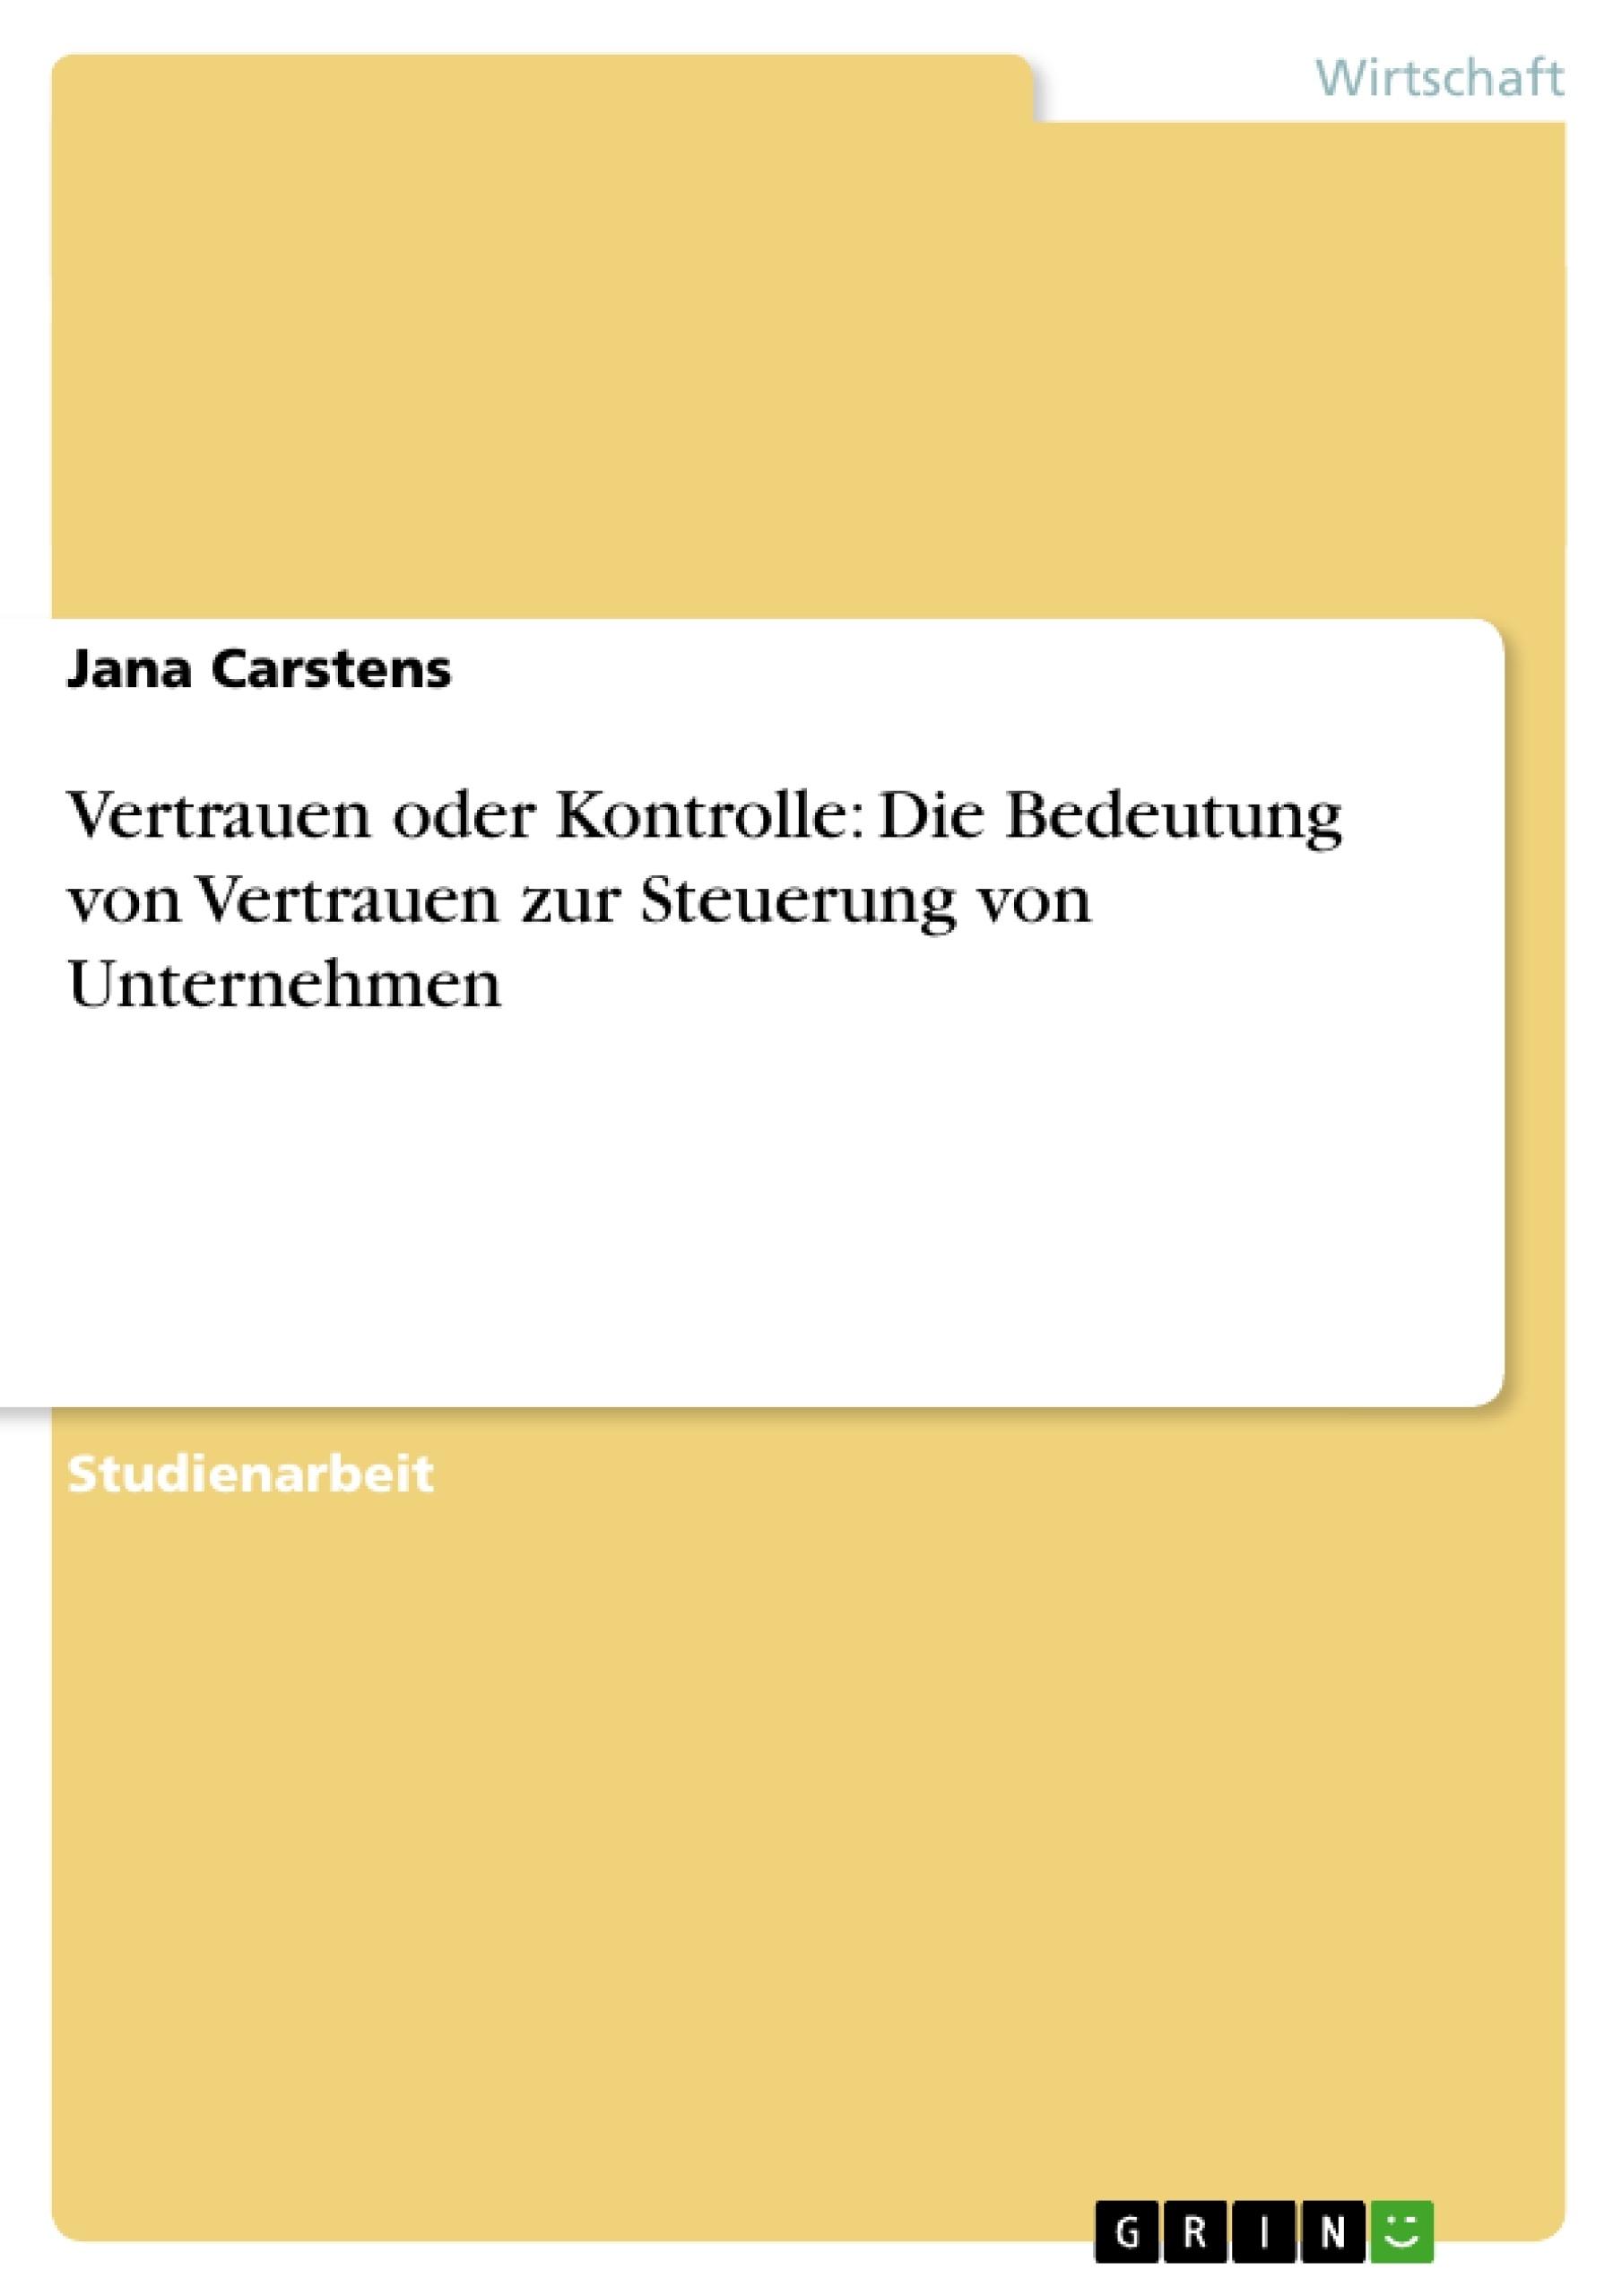 Titel: Vertrauen oder Kontrolle: Die Bedeutung von Vertrauen zur Steuerung von Unternehmen